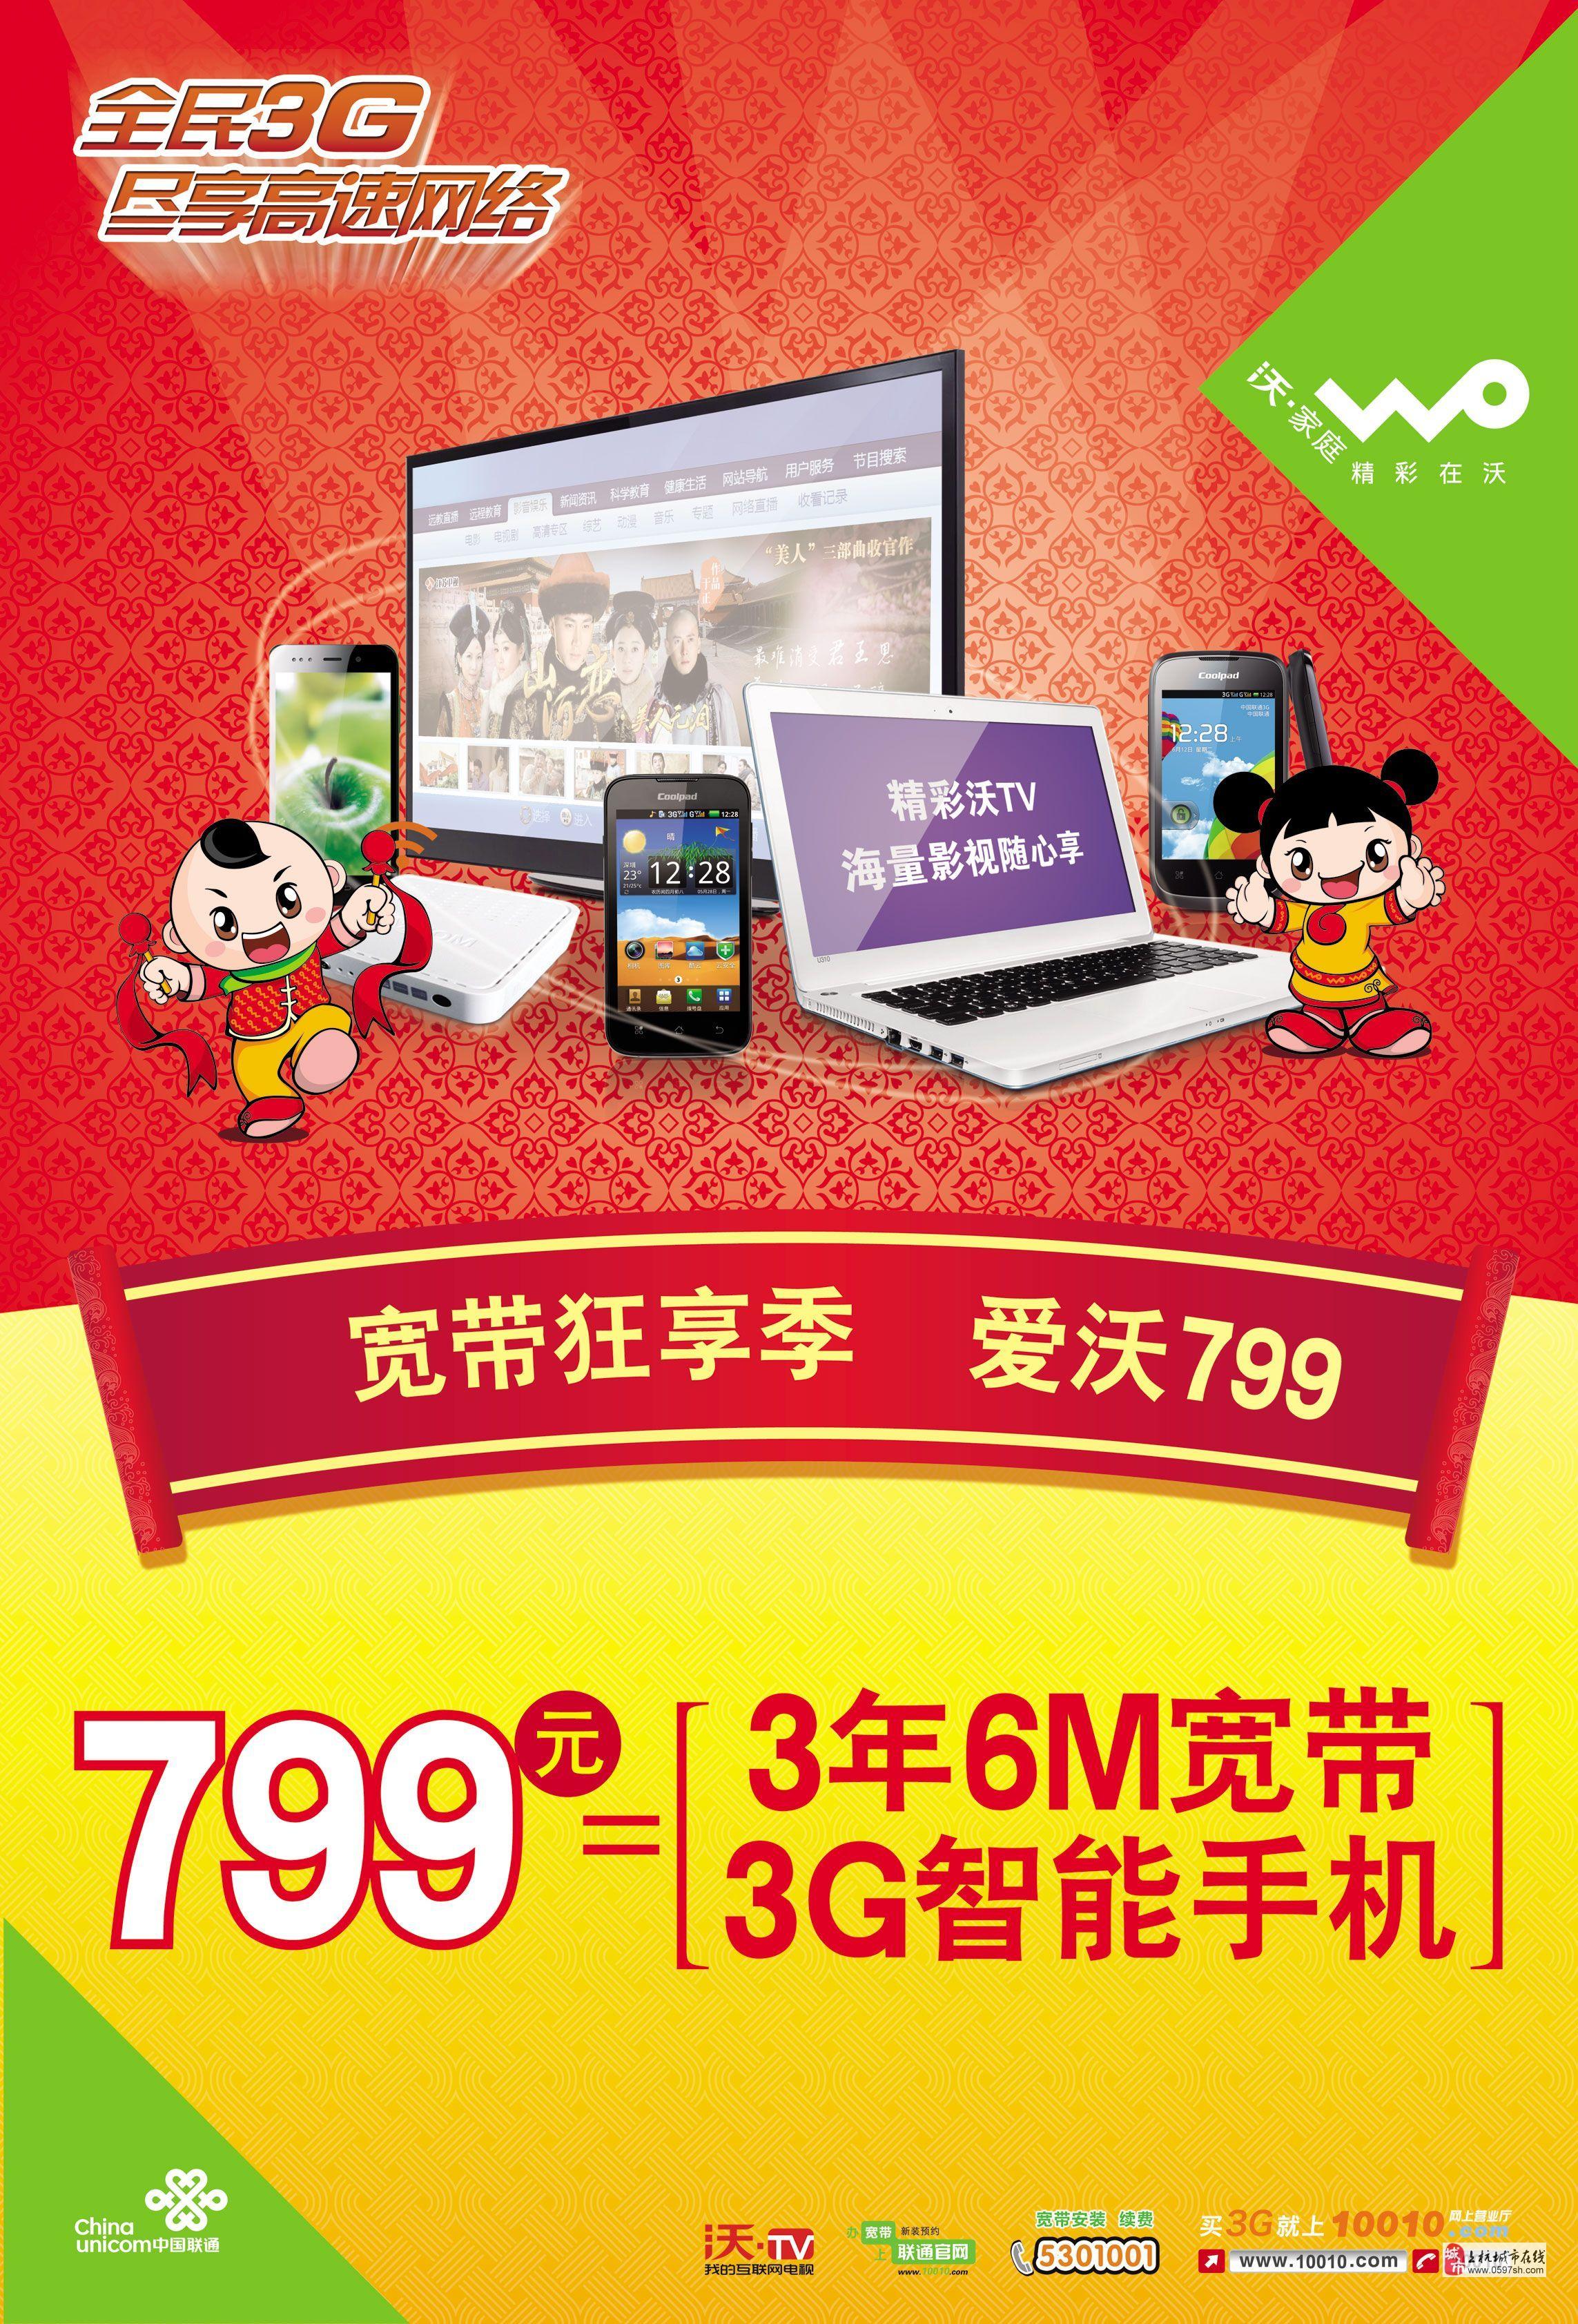 799元=3年/6M宽带+智能手机  元芳你怎么看?